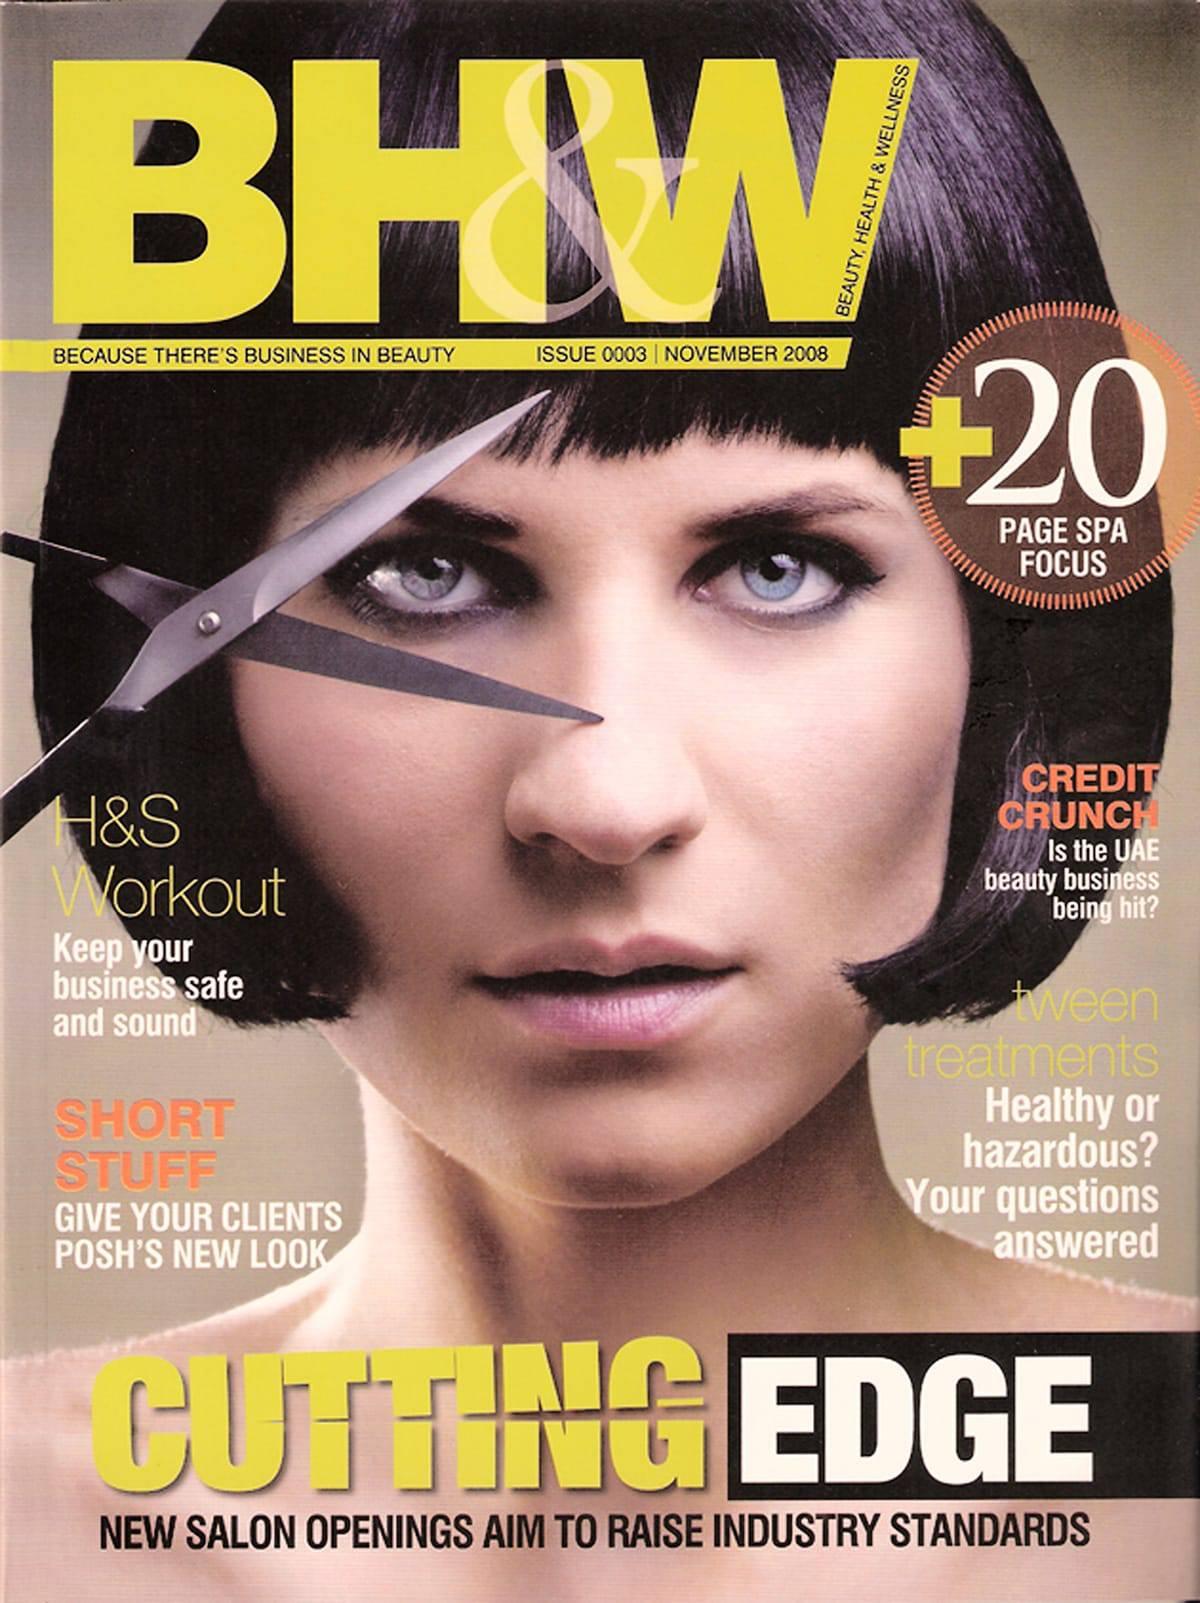 BHW Nov 08 Cover